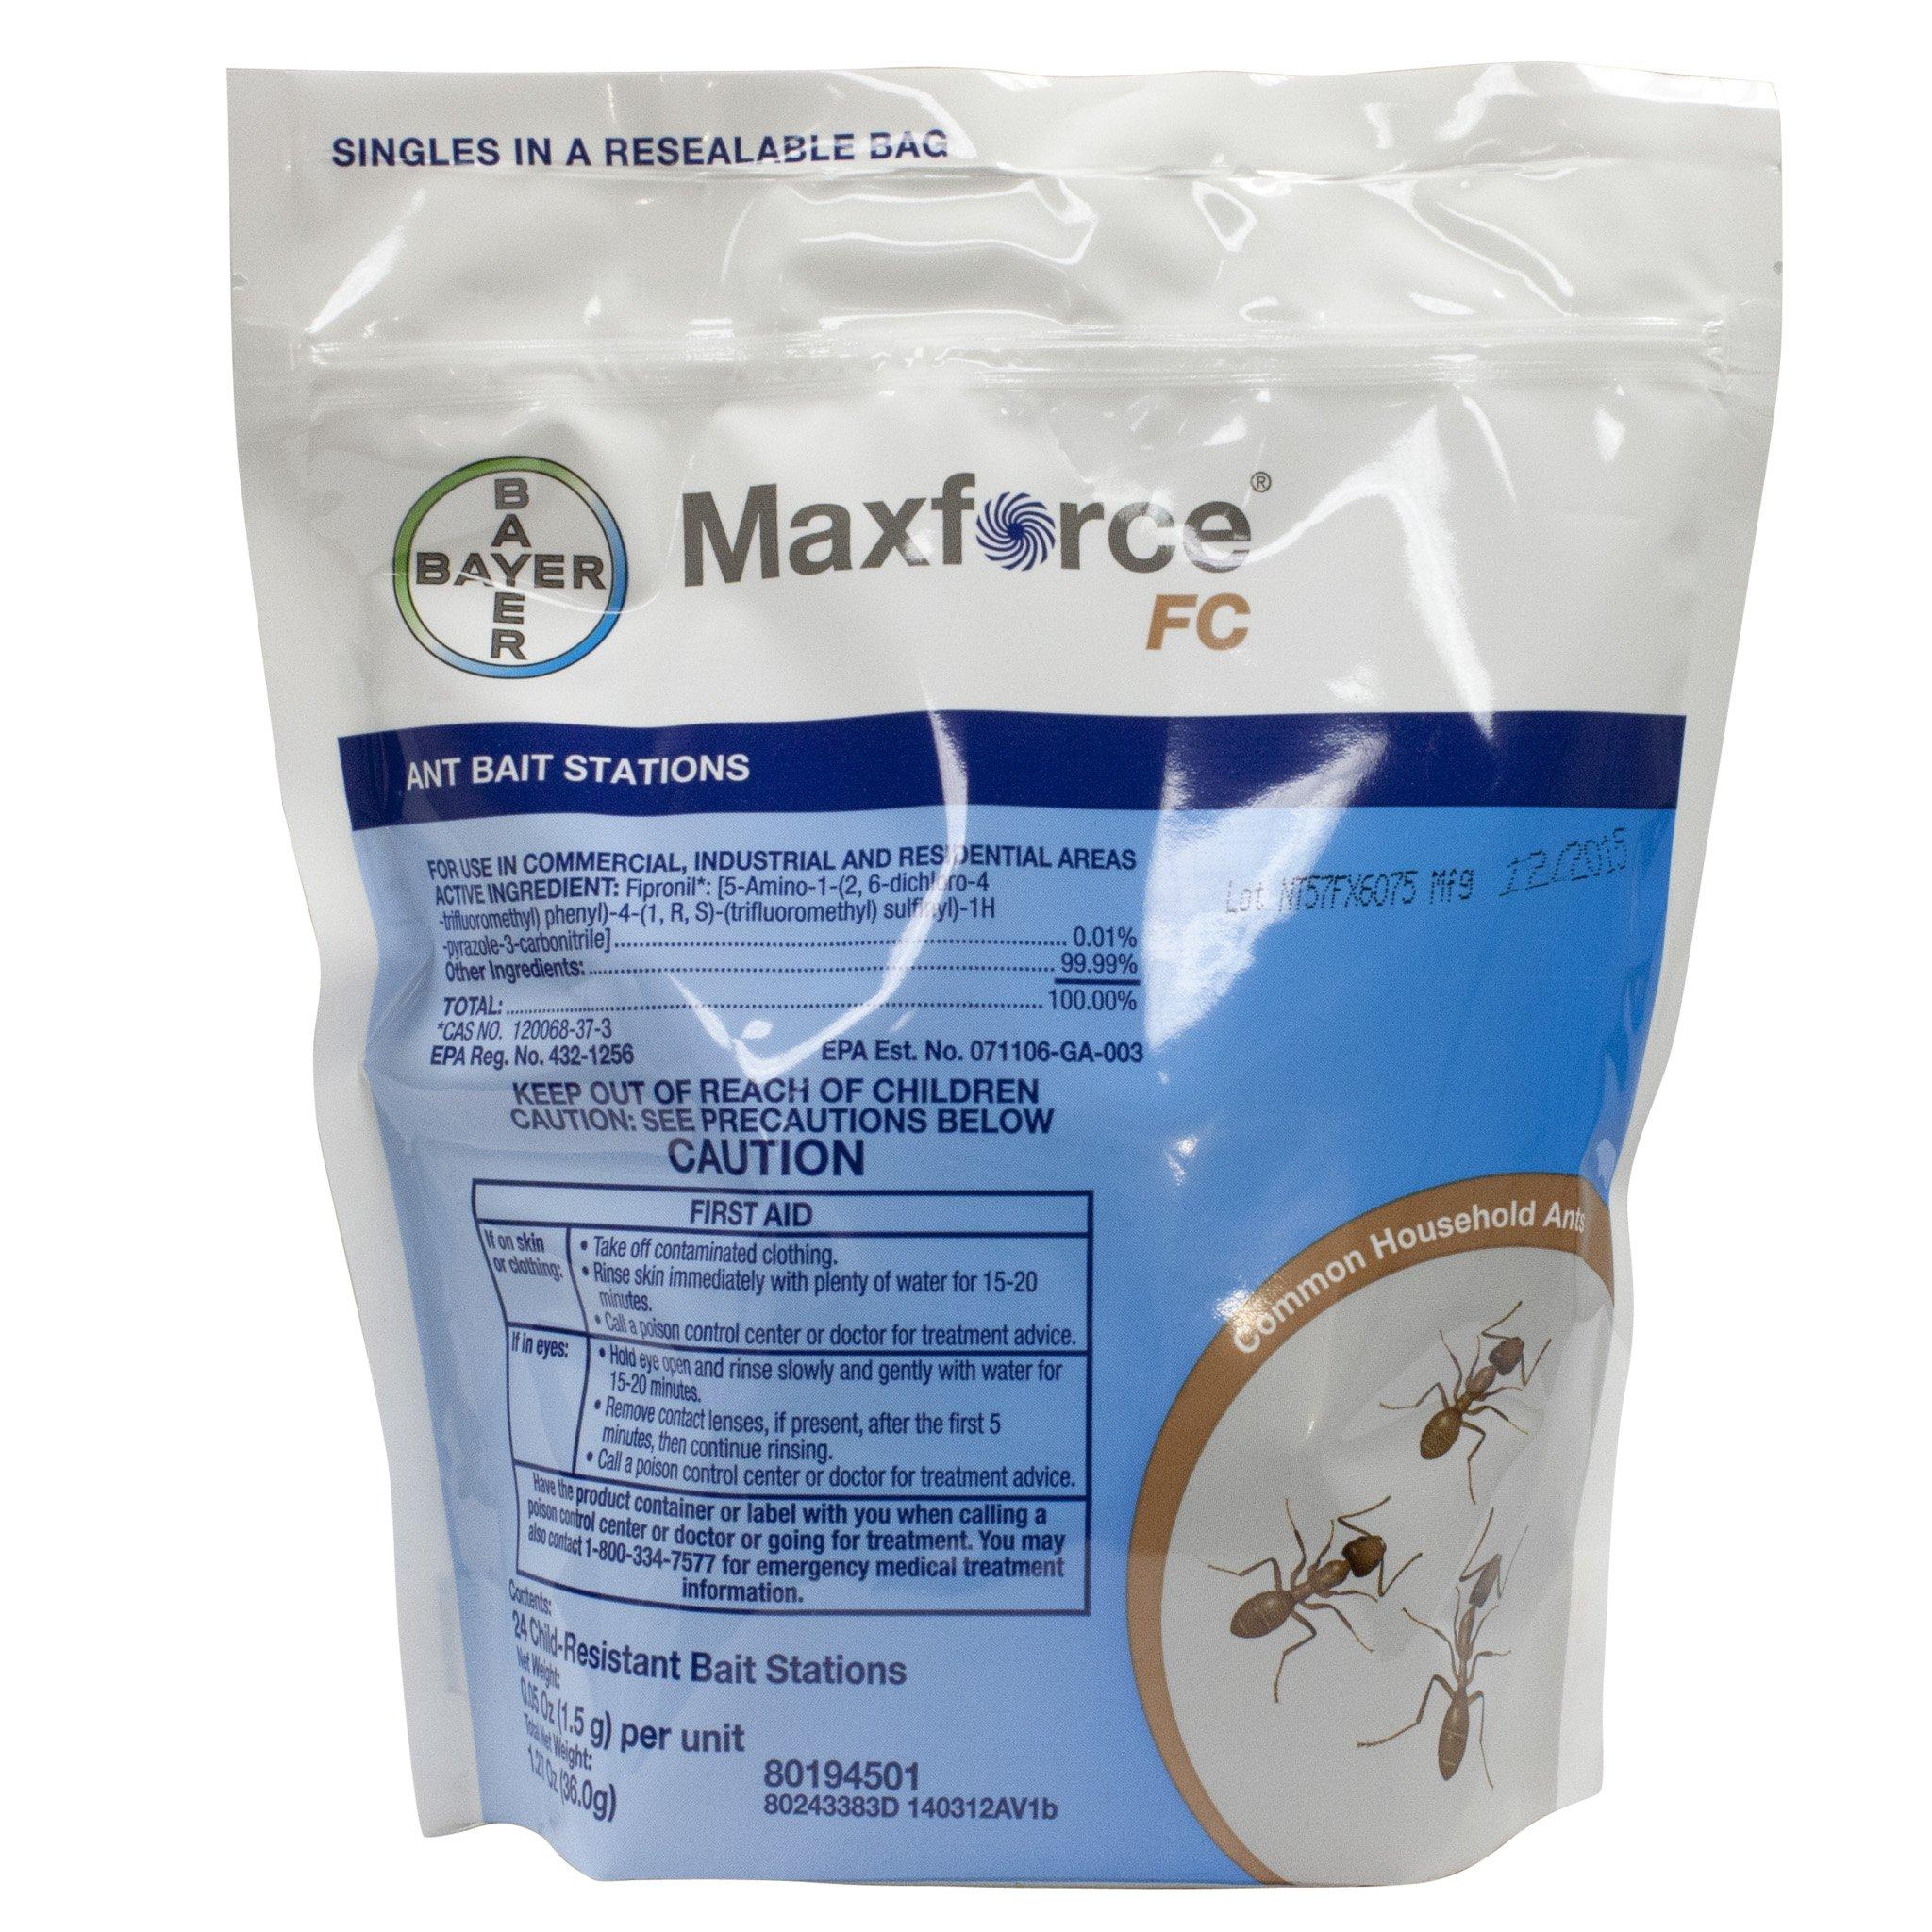 Maxforce FC Ant Bait Stations 1 Bag BA1074